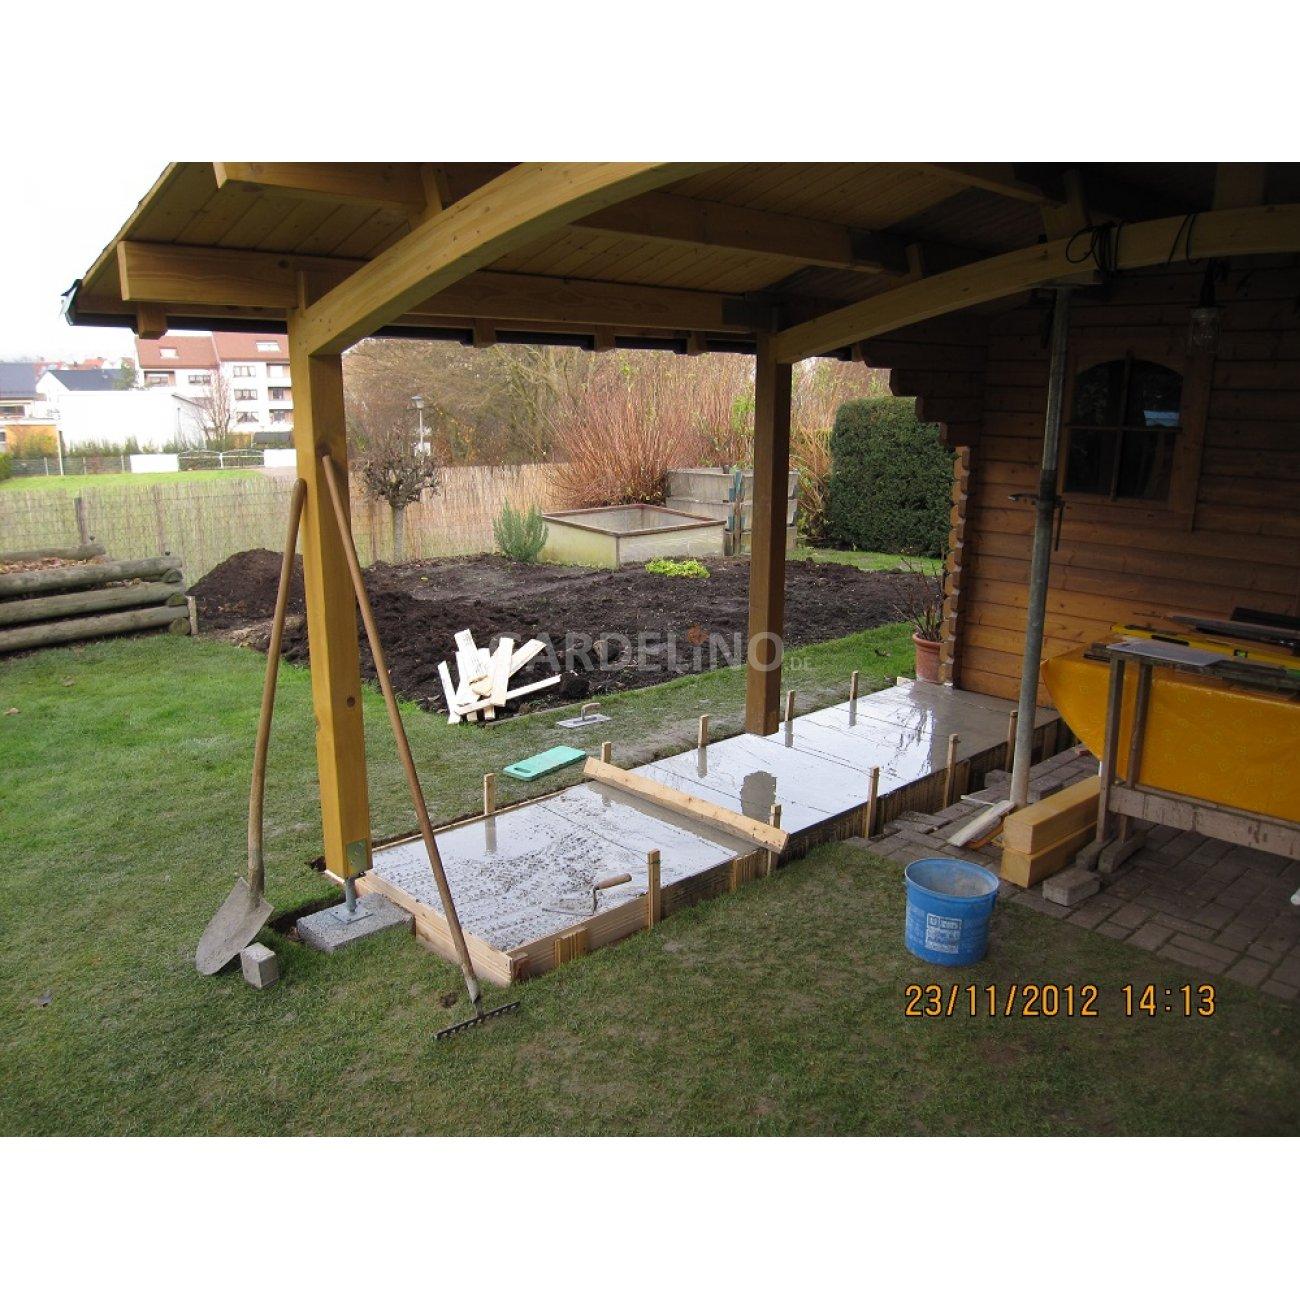 Outdoorküche gemauert mit Einbau Gasgrill und Monolith Baubericht